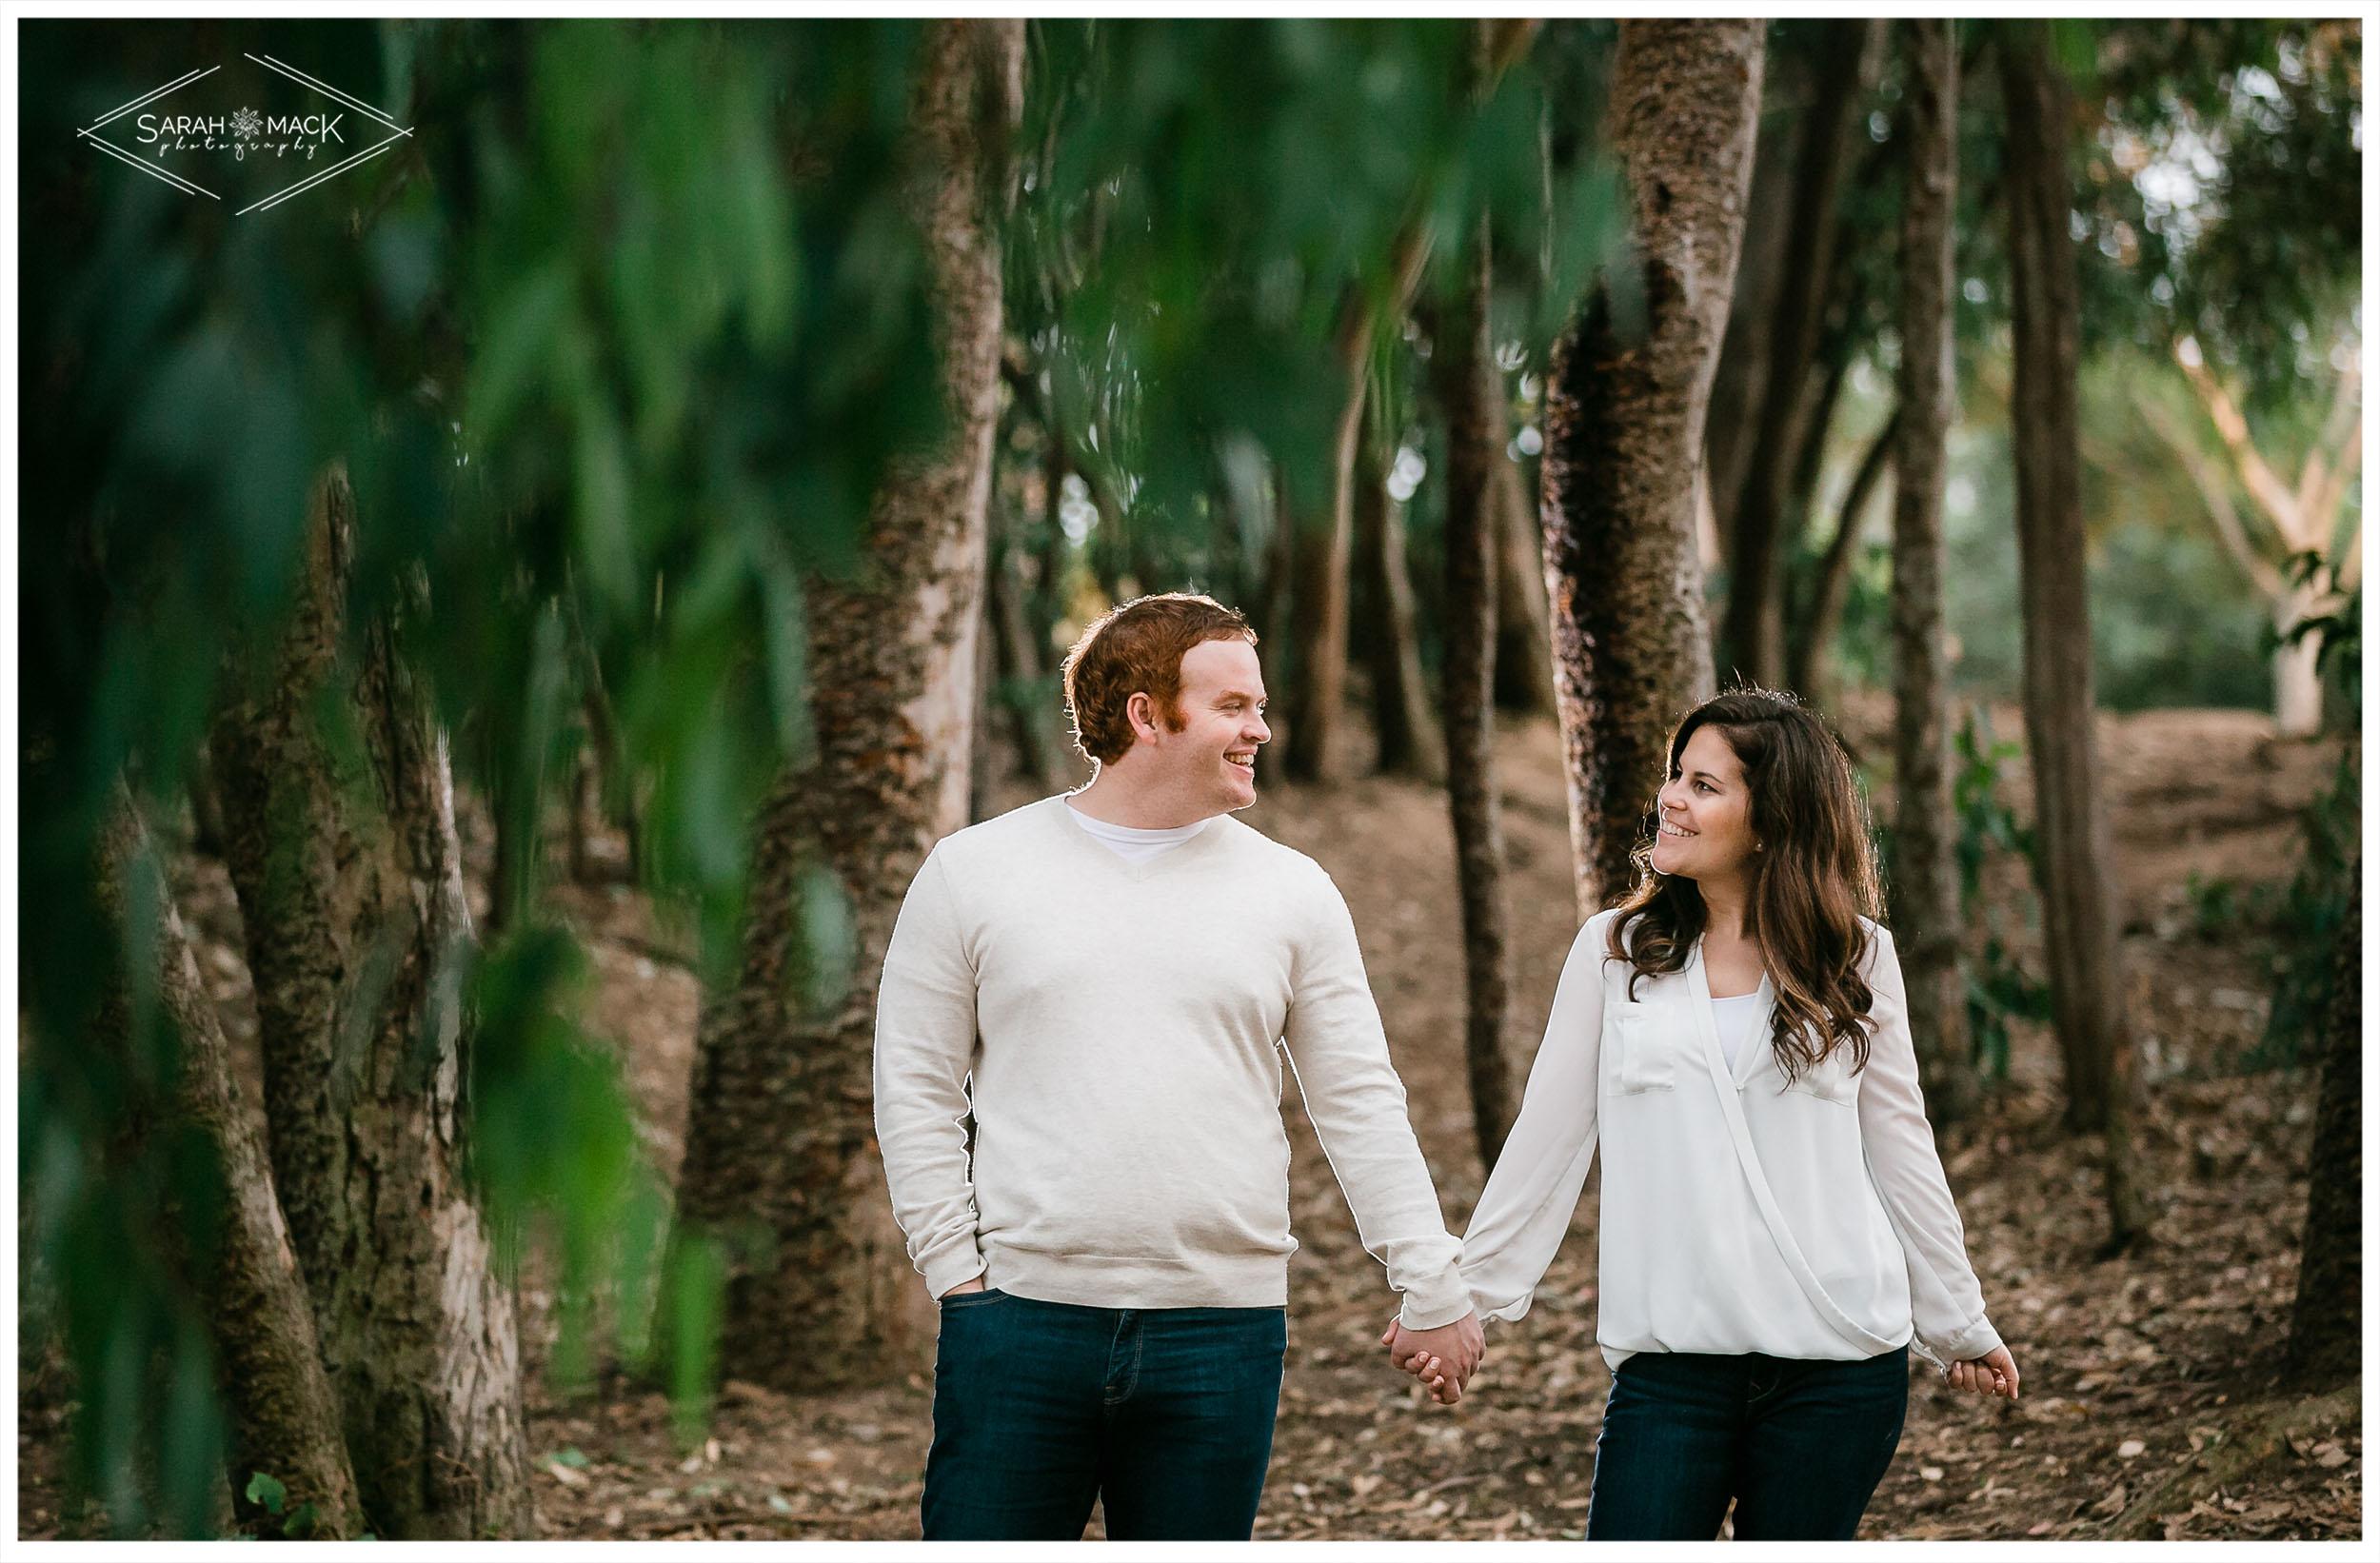 AM-Huntington-Beach-Central-Park-Engagement-Photography-13.jpg